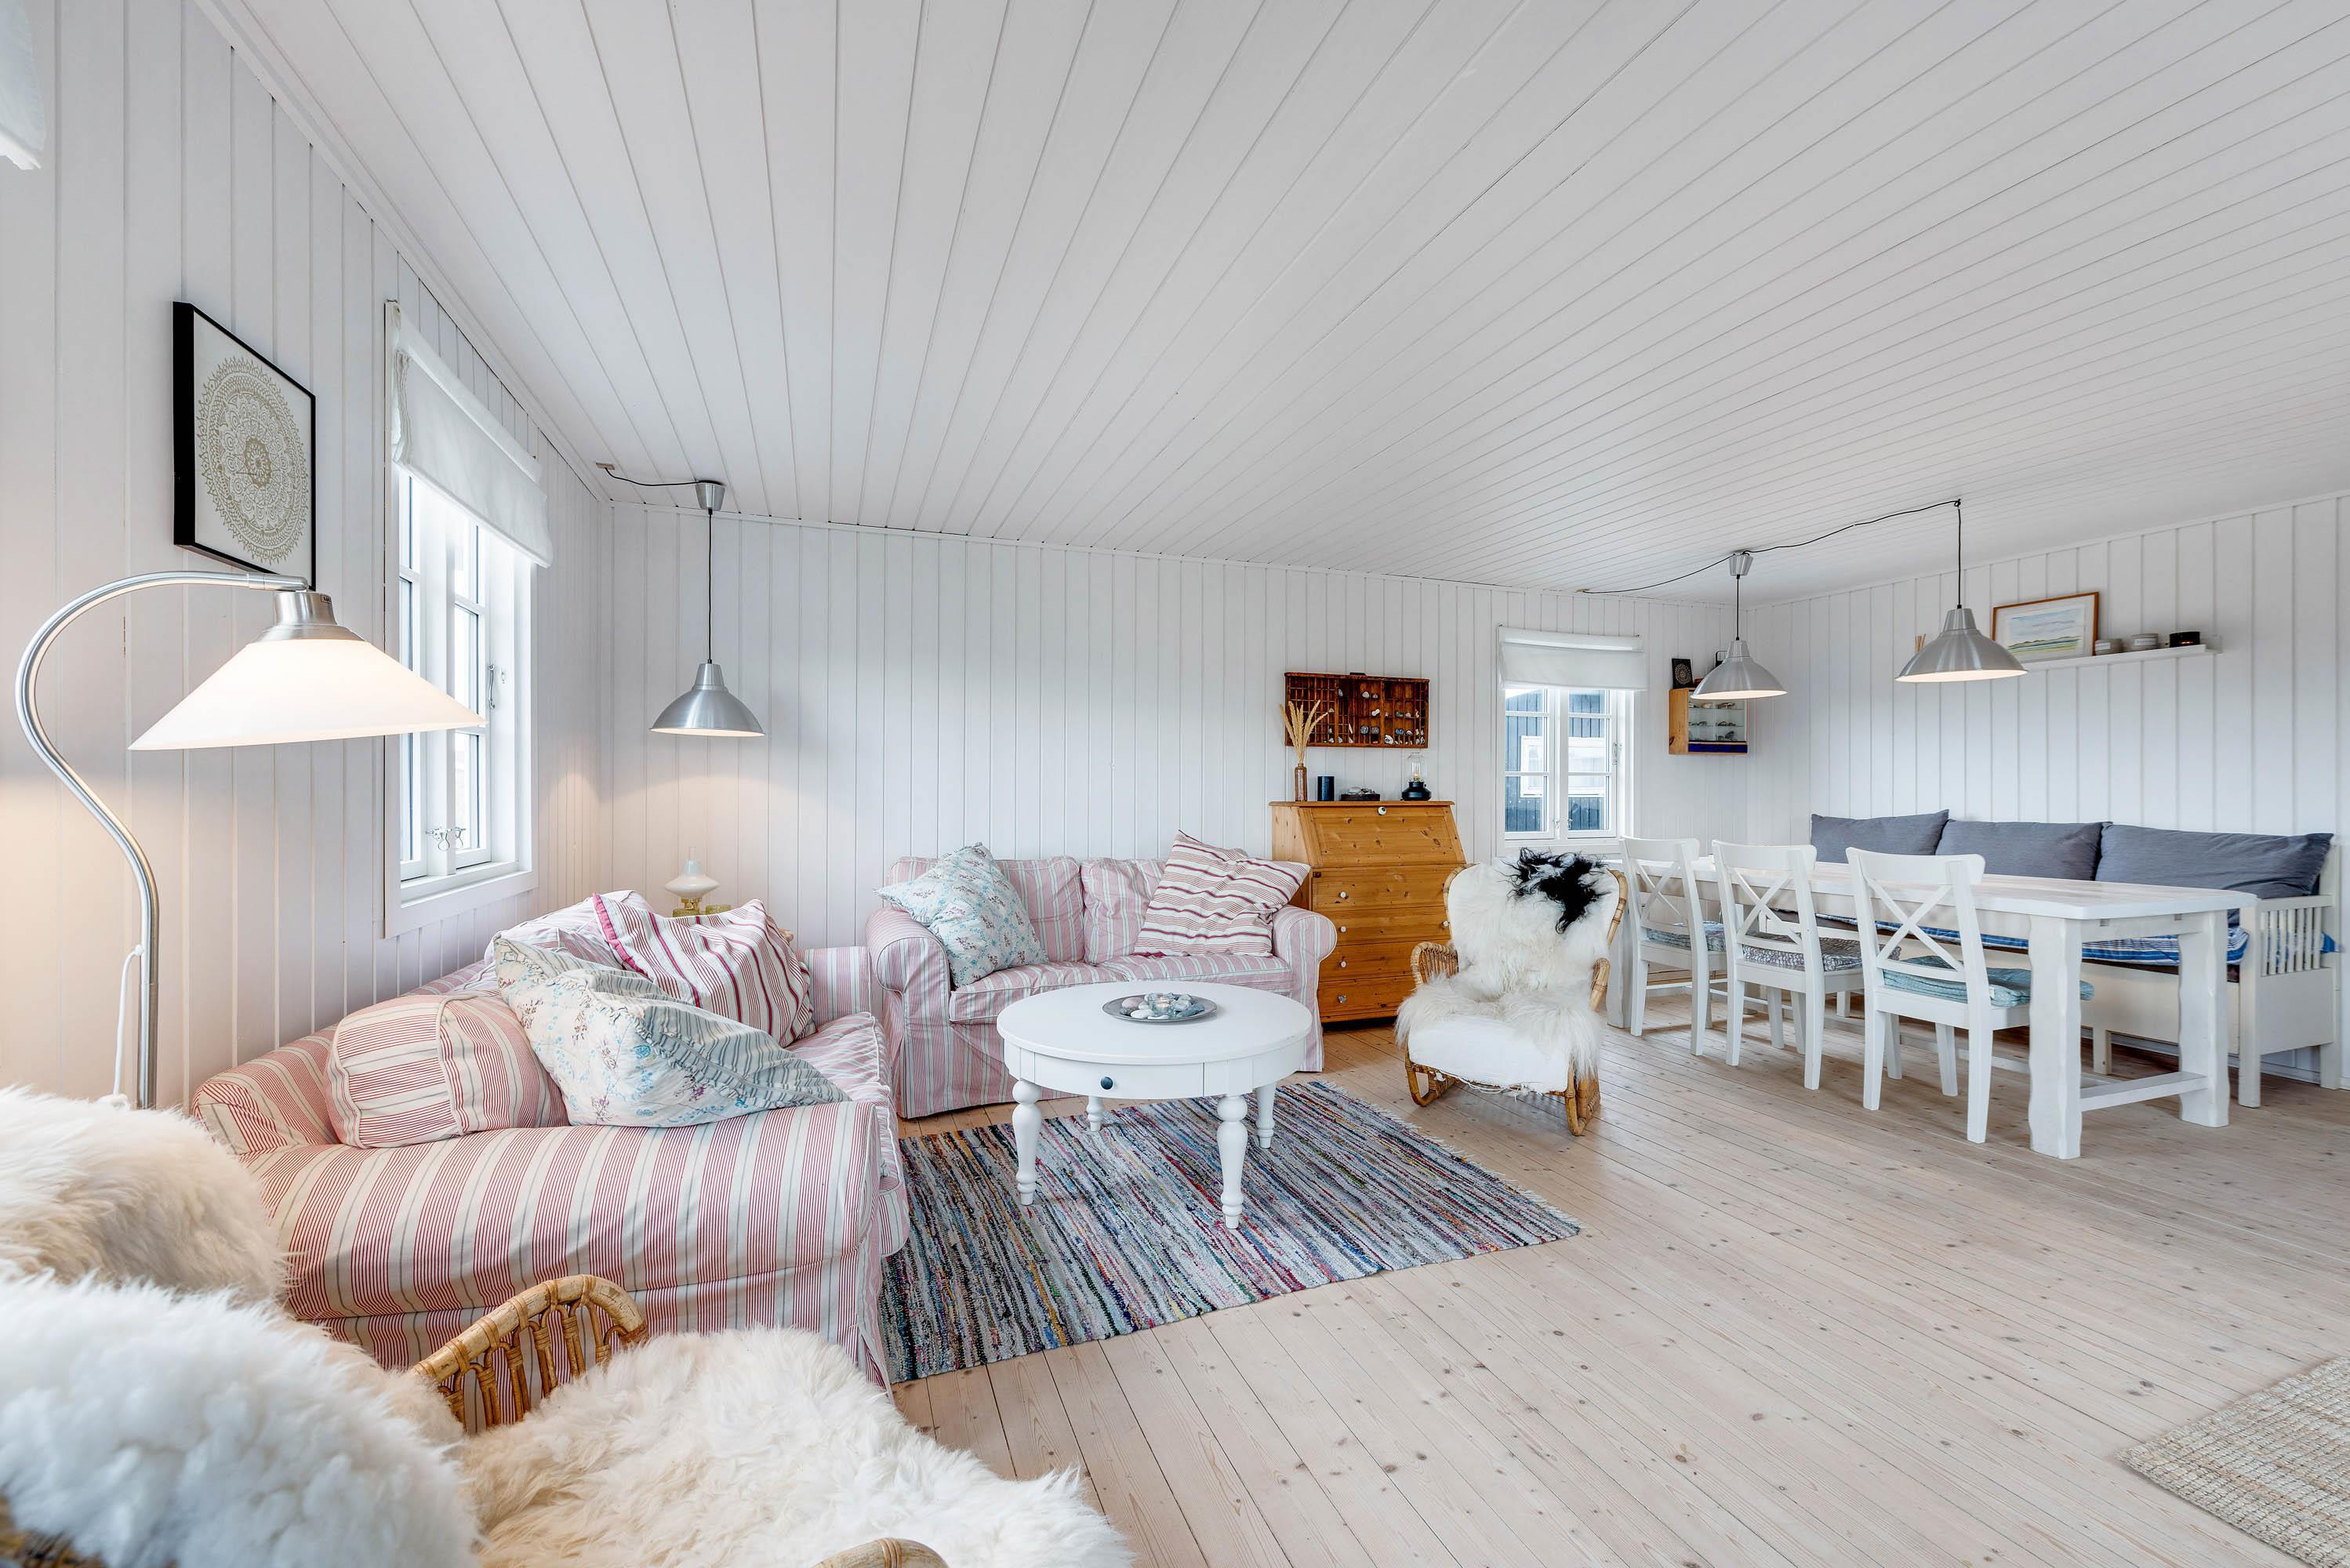 Gemütliches Holzhaus mit Kaminofen (Bild 7)